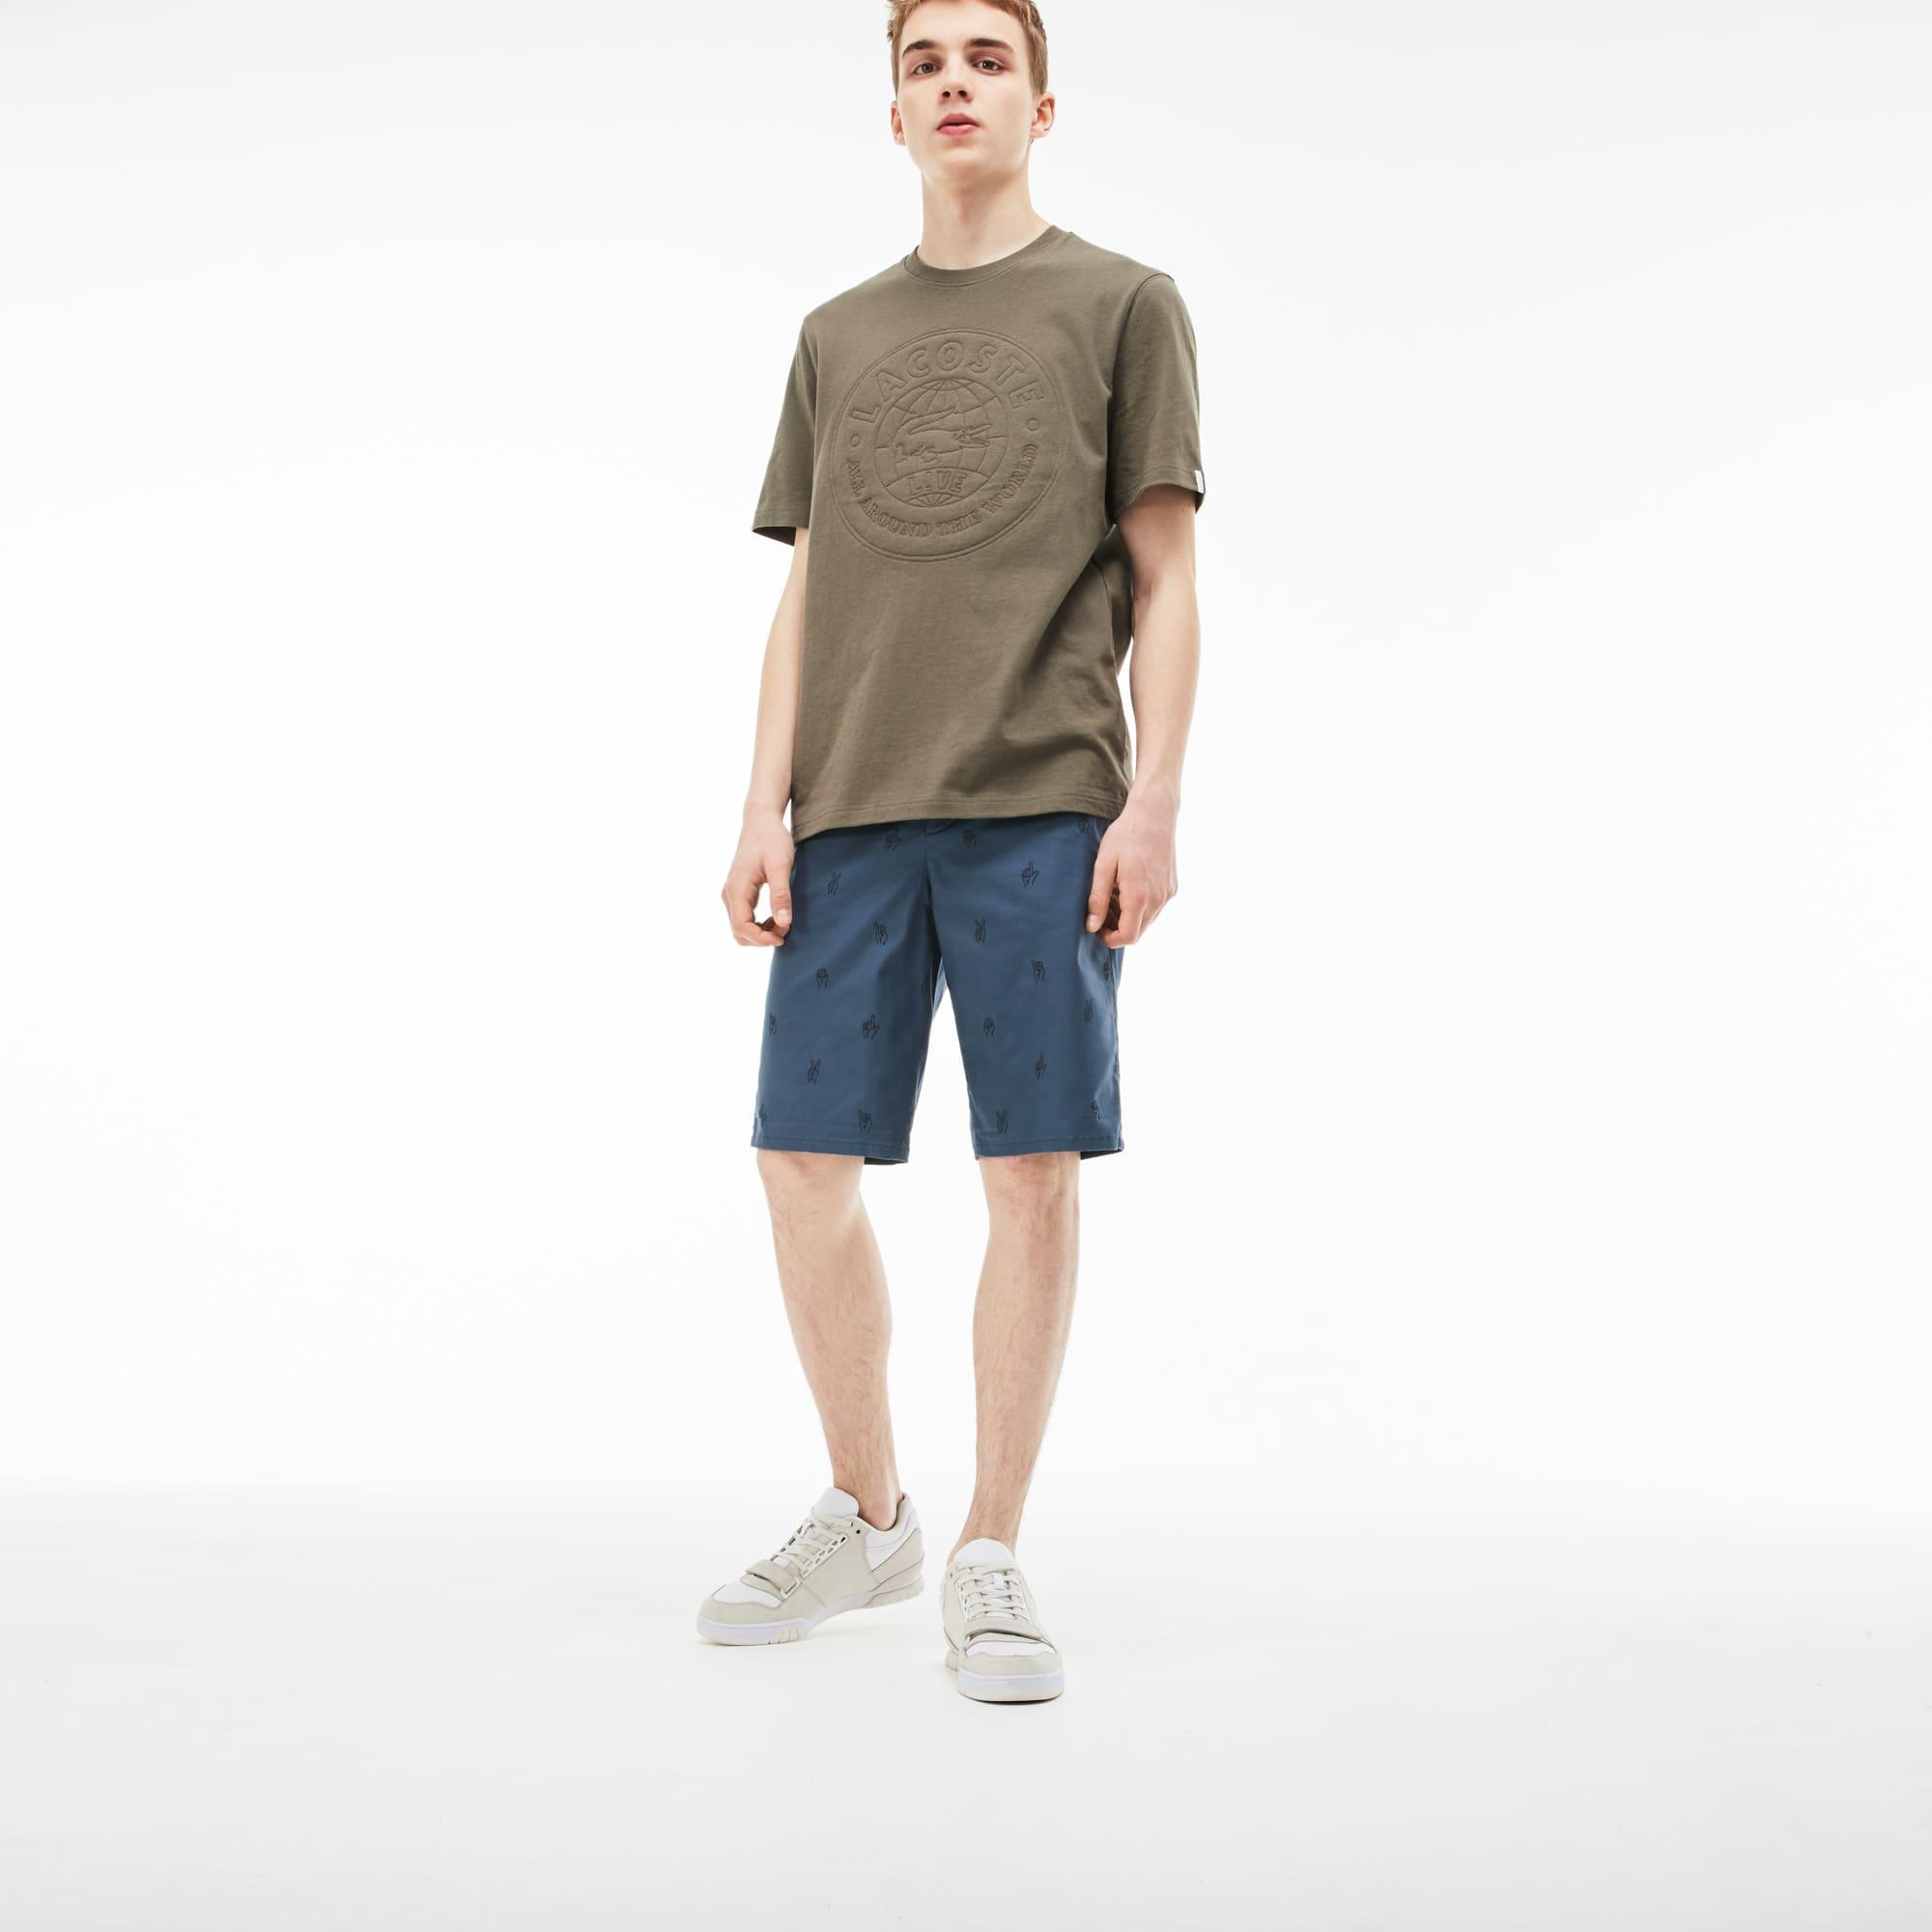 9226fb1bf Coleção de Roupas e Calçados | Moda Masculina | LACOSTE LIVE